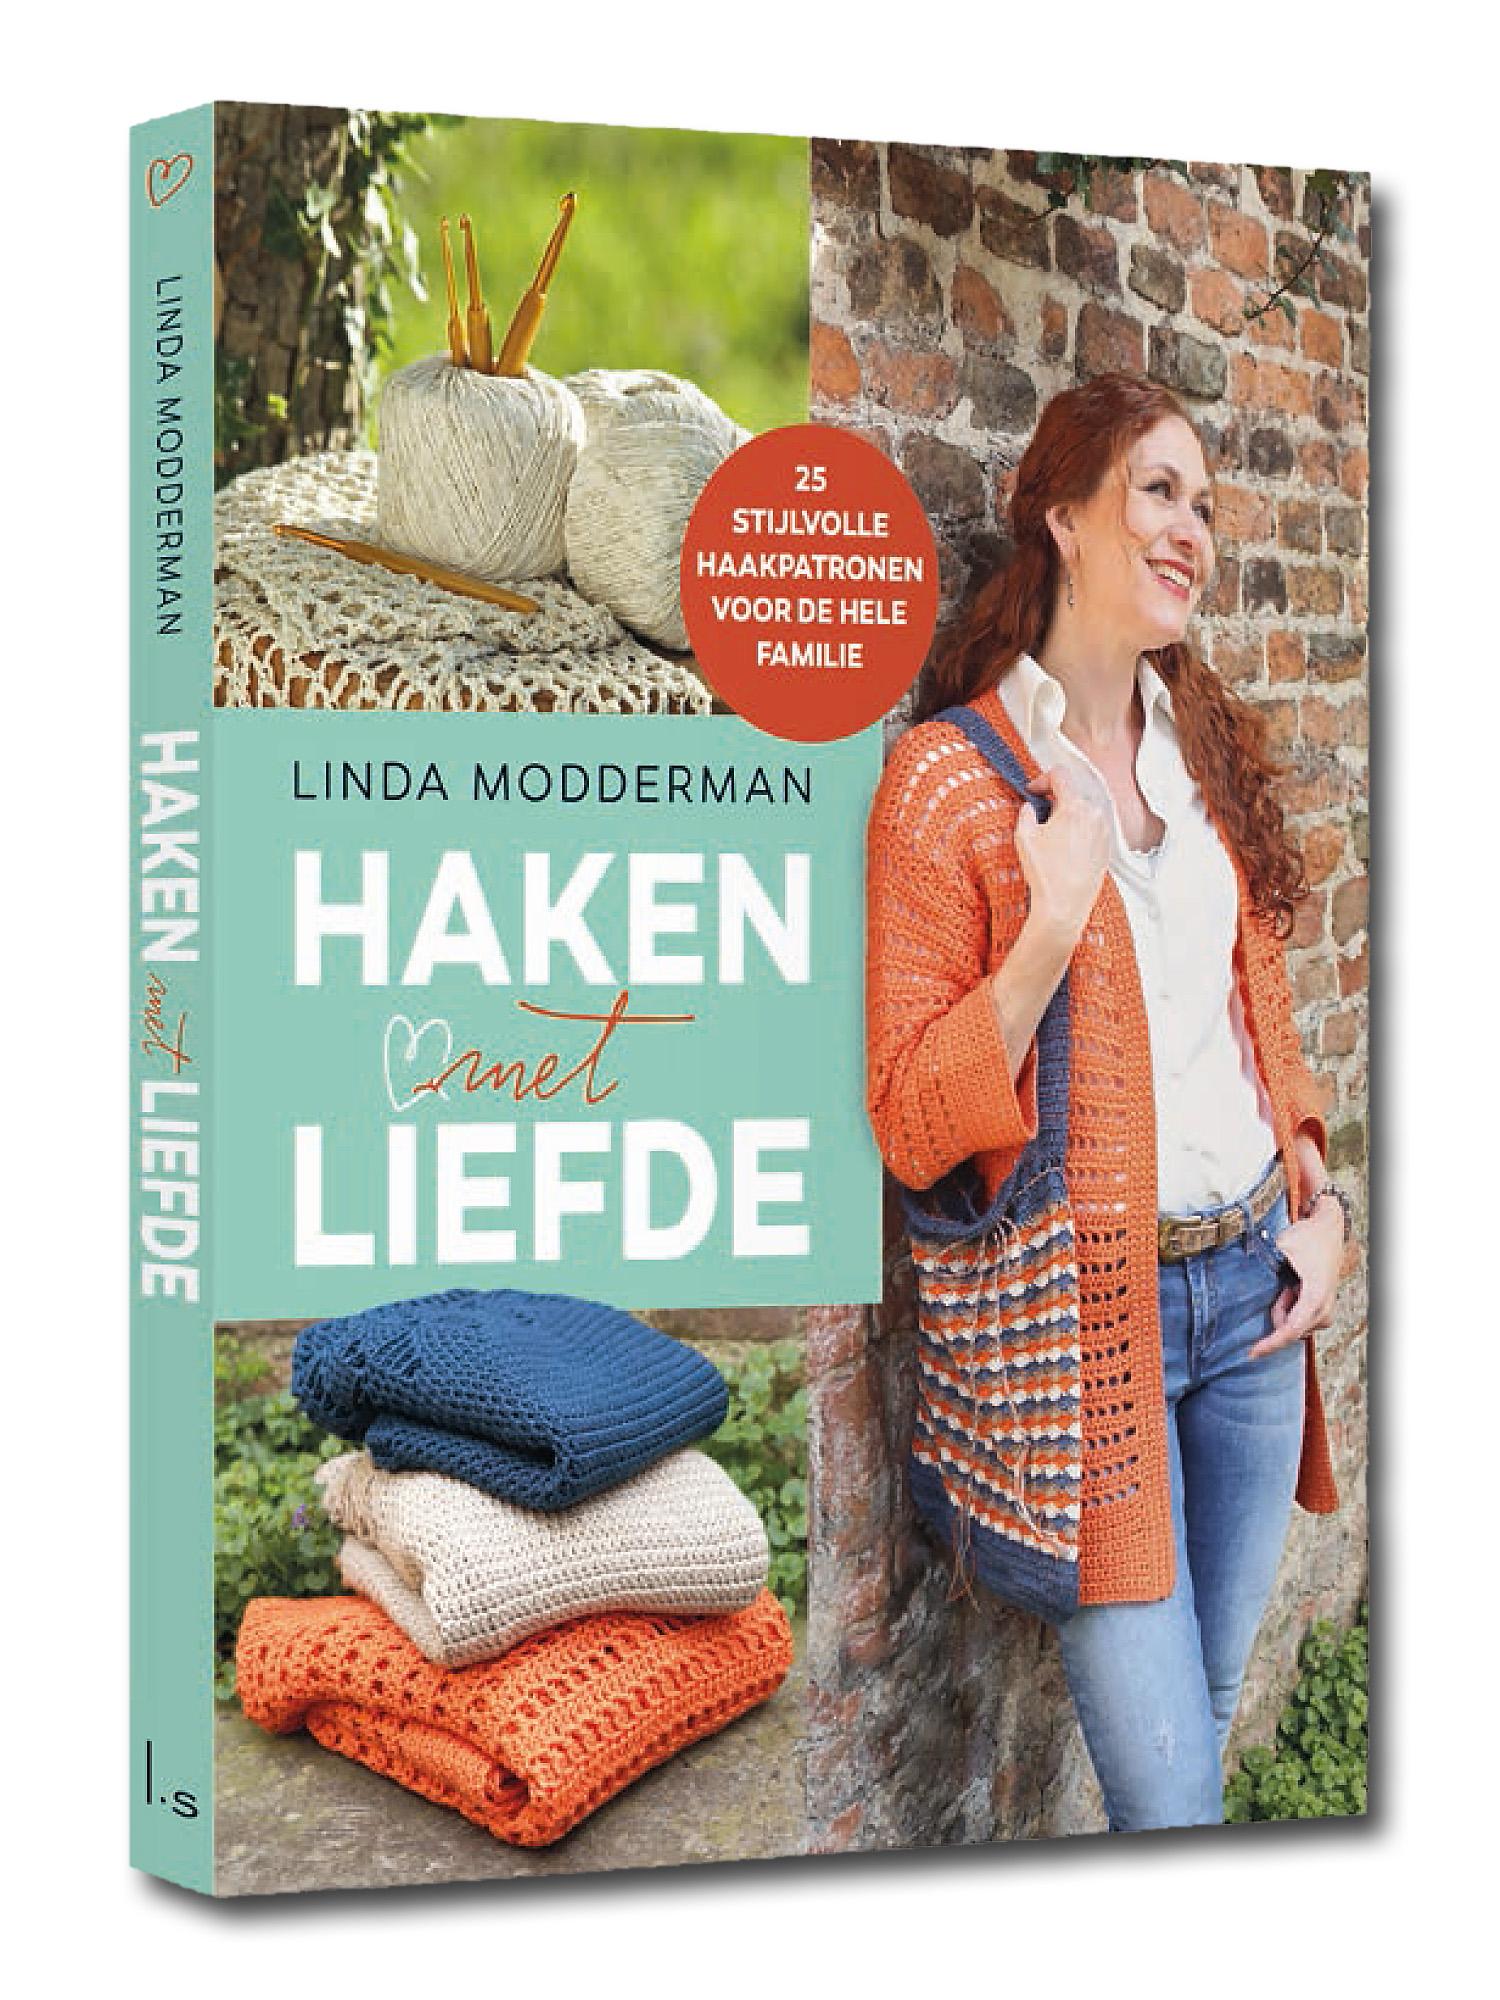 Linda Modderman - Haken met Liefde Haakboek